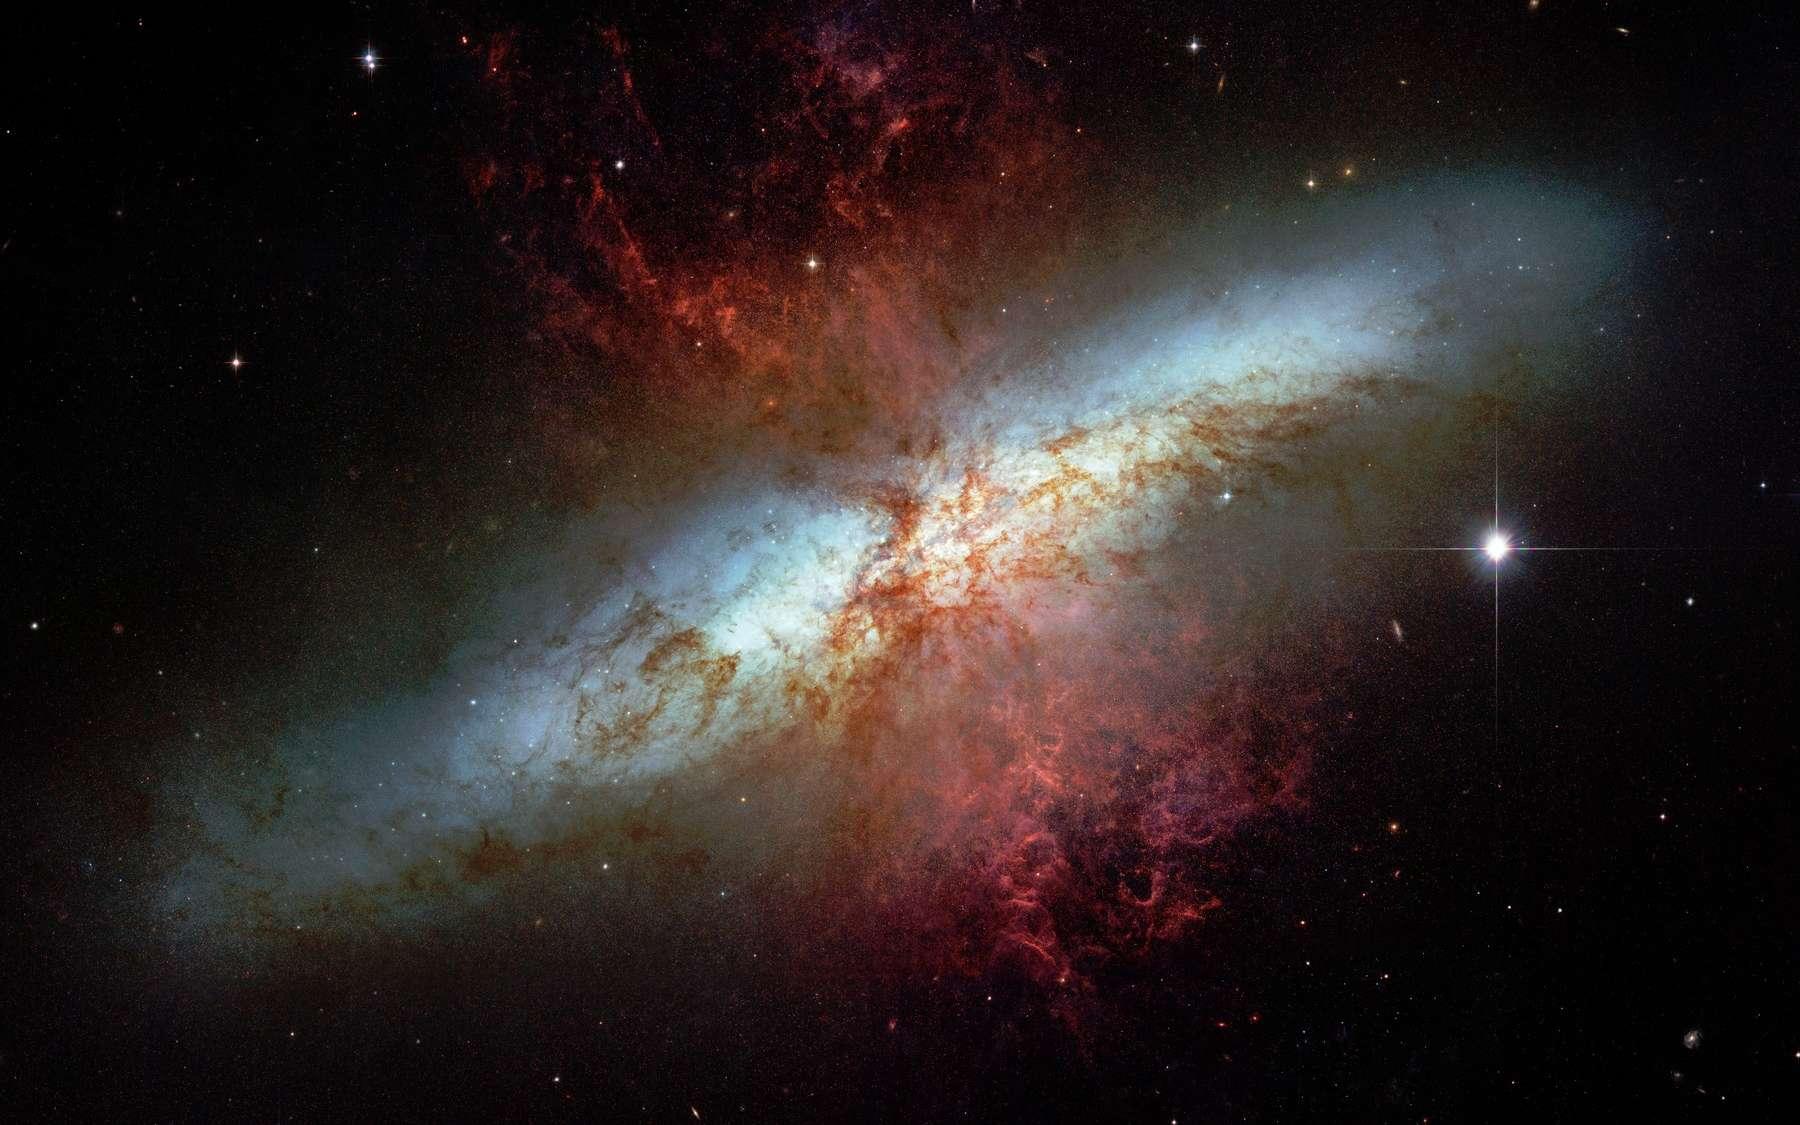 Cette extraordinaire image réalisée par le télescope spatial Hubble montre les irrégularités du coeur de M 82. Crédit Nasa